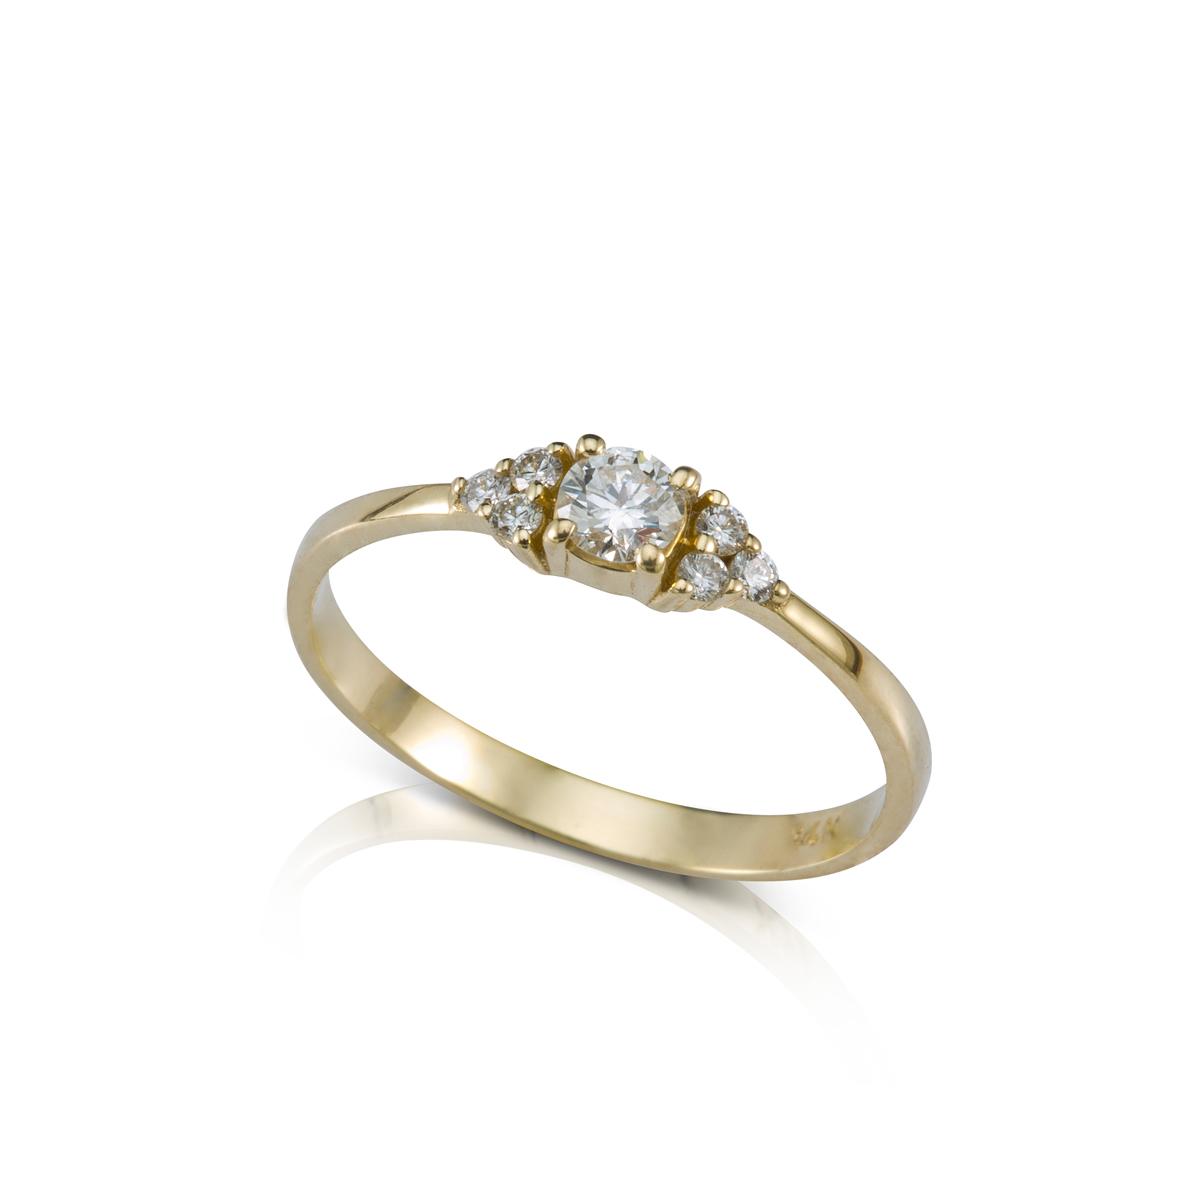 טבעת אירוסין משובצת יהלום מרכזי 0.20ct  ו-6 יהלומים צדדים